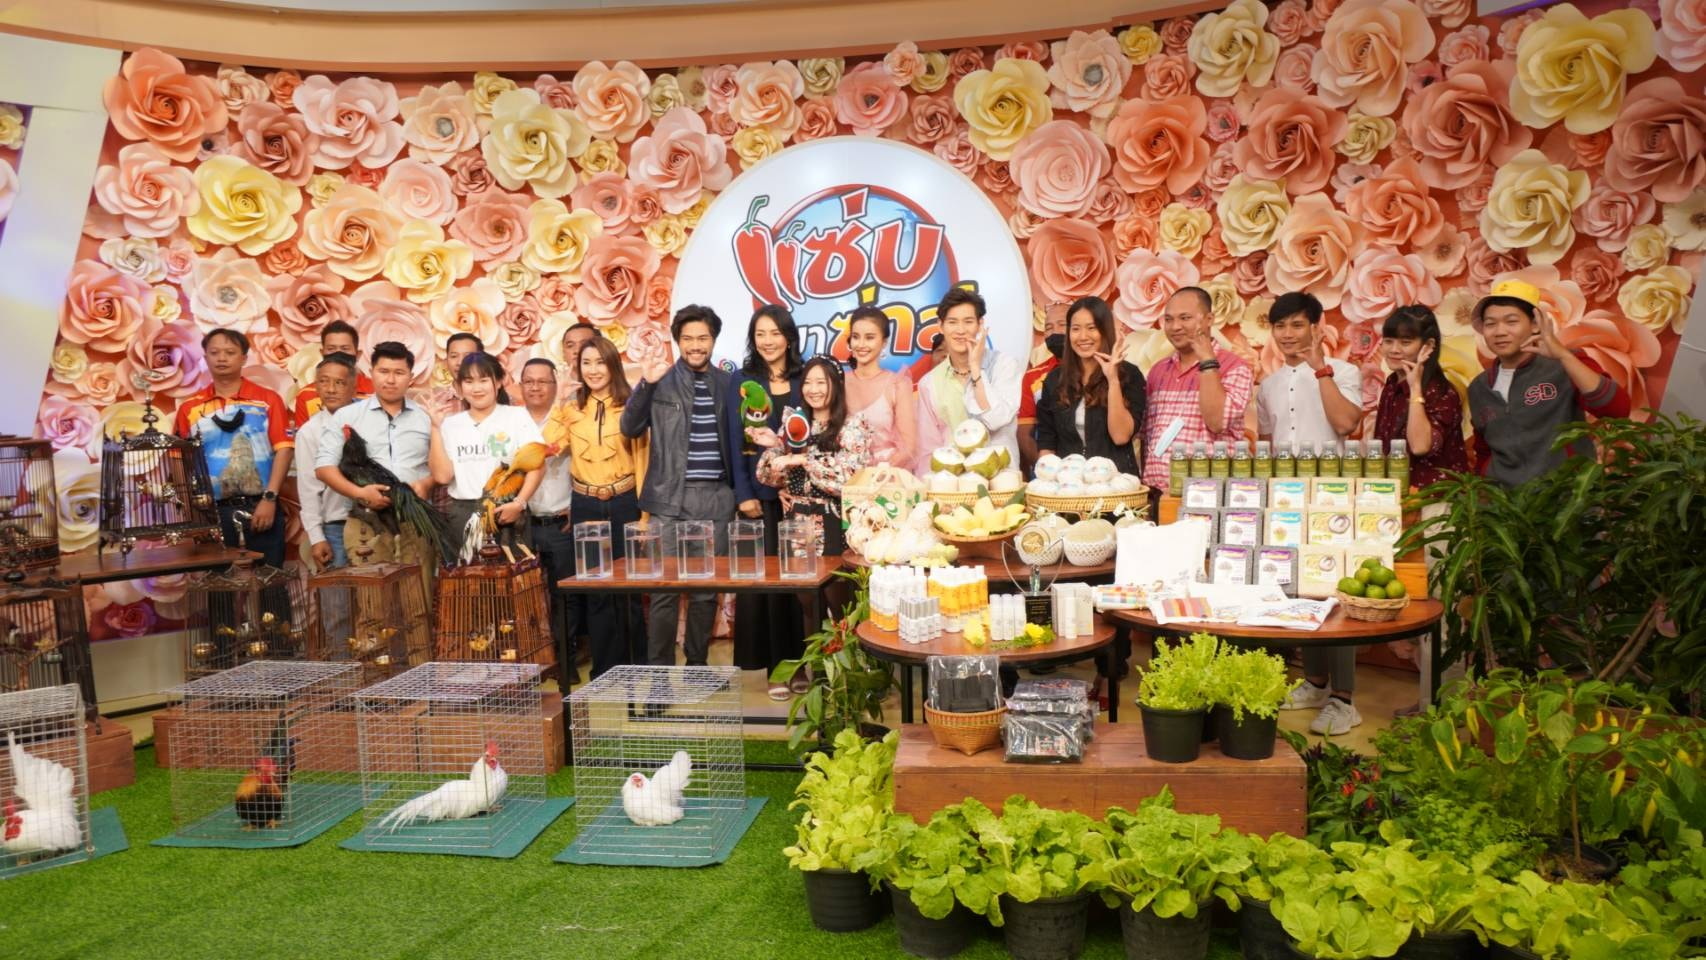 อมินตาออกบูธ งานพืชผักรักษ์สุขภาพและงานมหกรรมสัตว์ปีกสวยงามแห่งประเทศไทย ครั้งที่ 9 ณ สวนปาล์มฟาร์มนก จ.ฉะเชิงเทรา